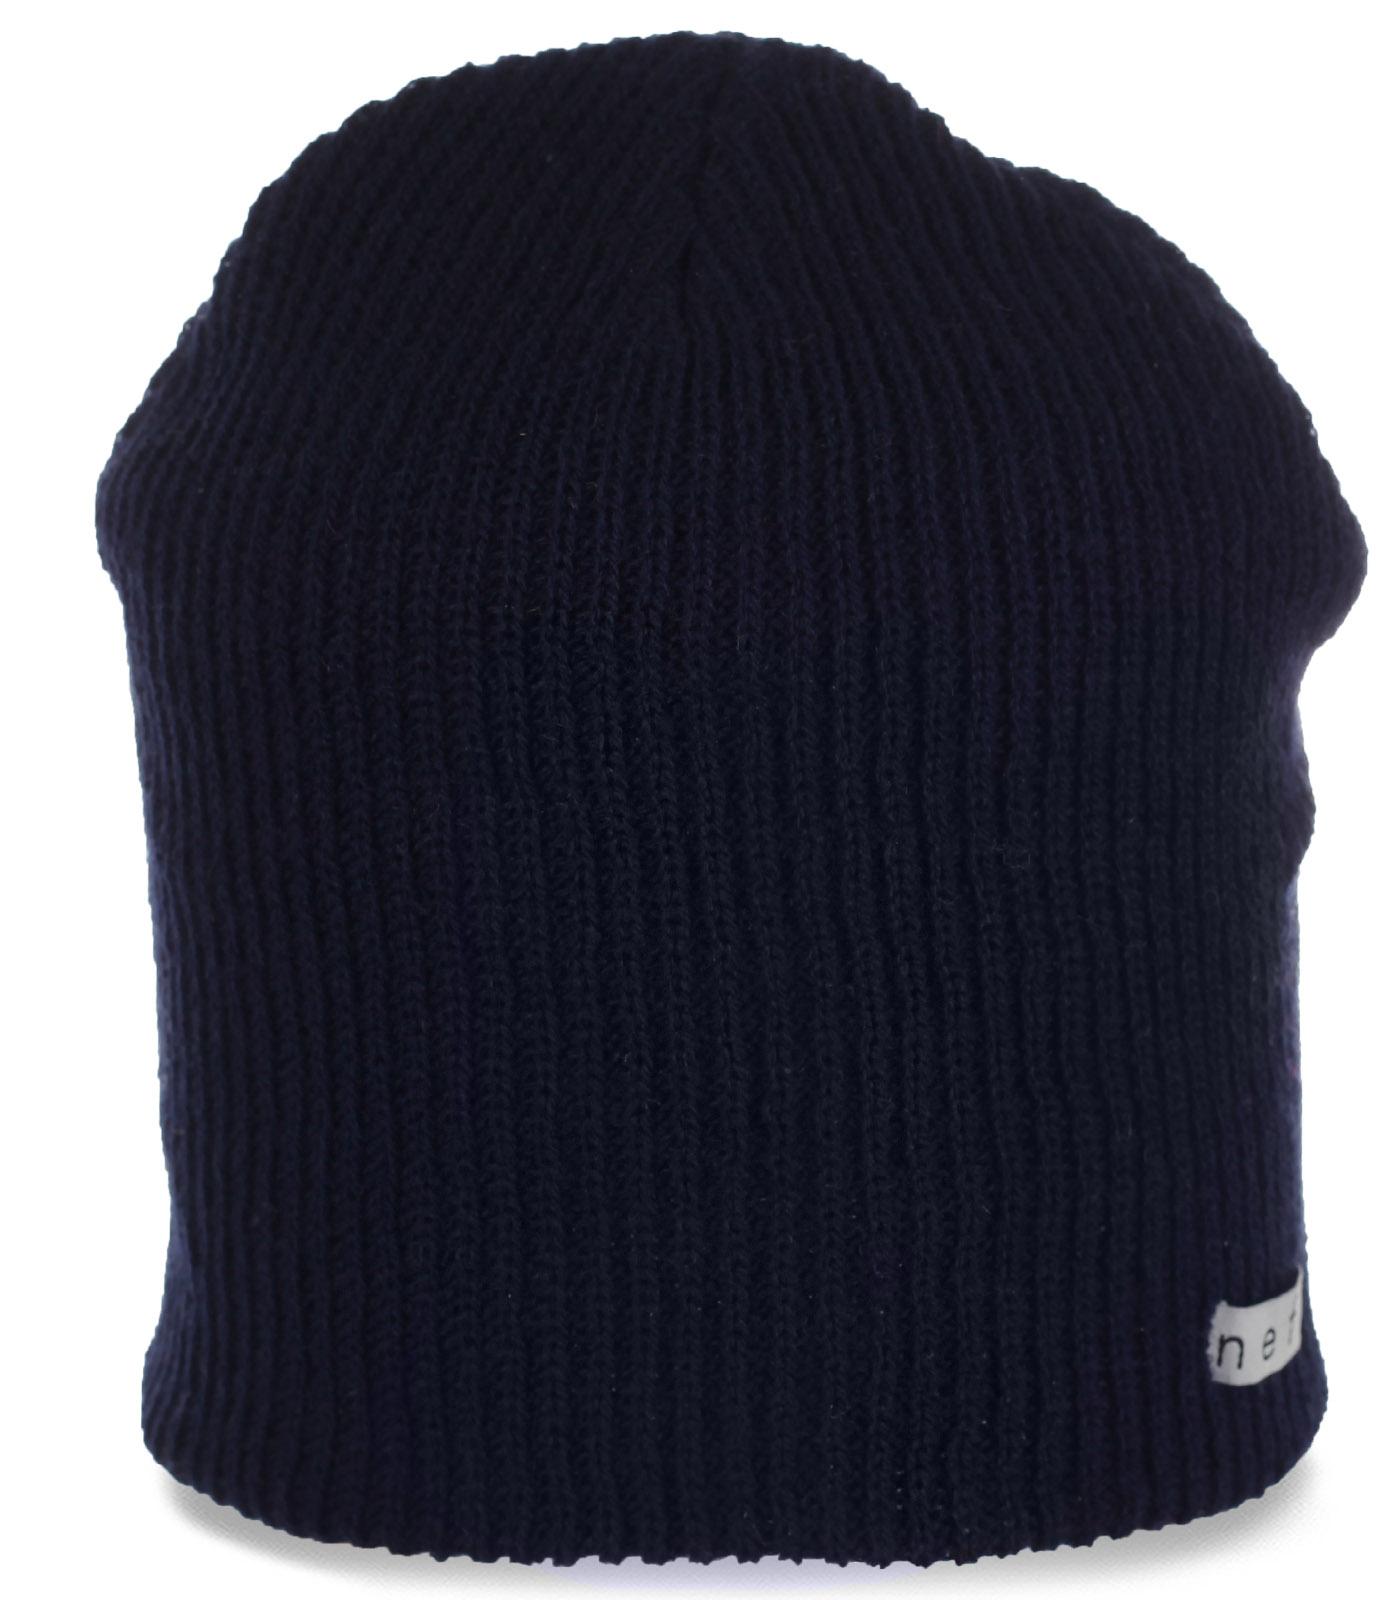 Классическая мужская шапочка для спорта и отдыха от Neff